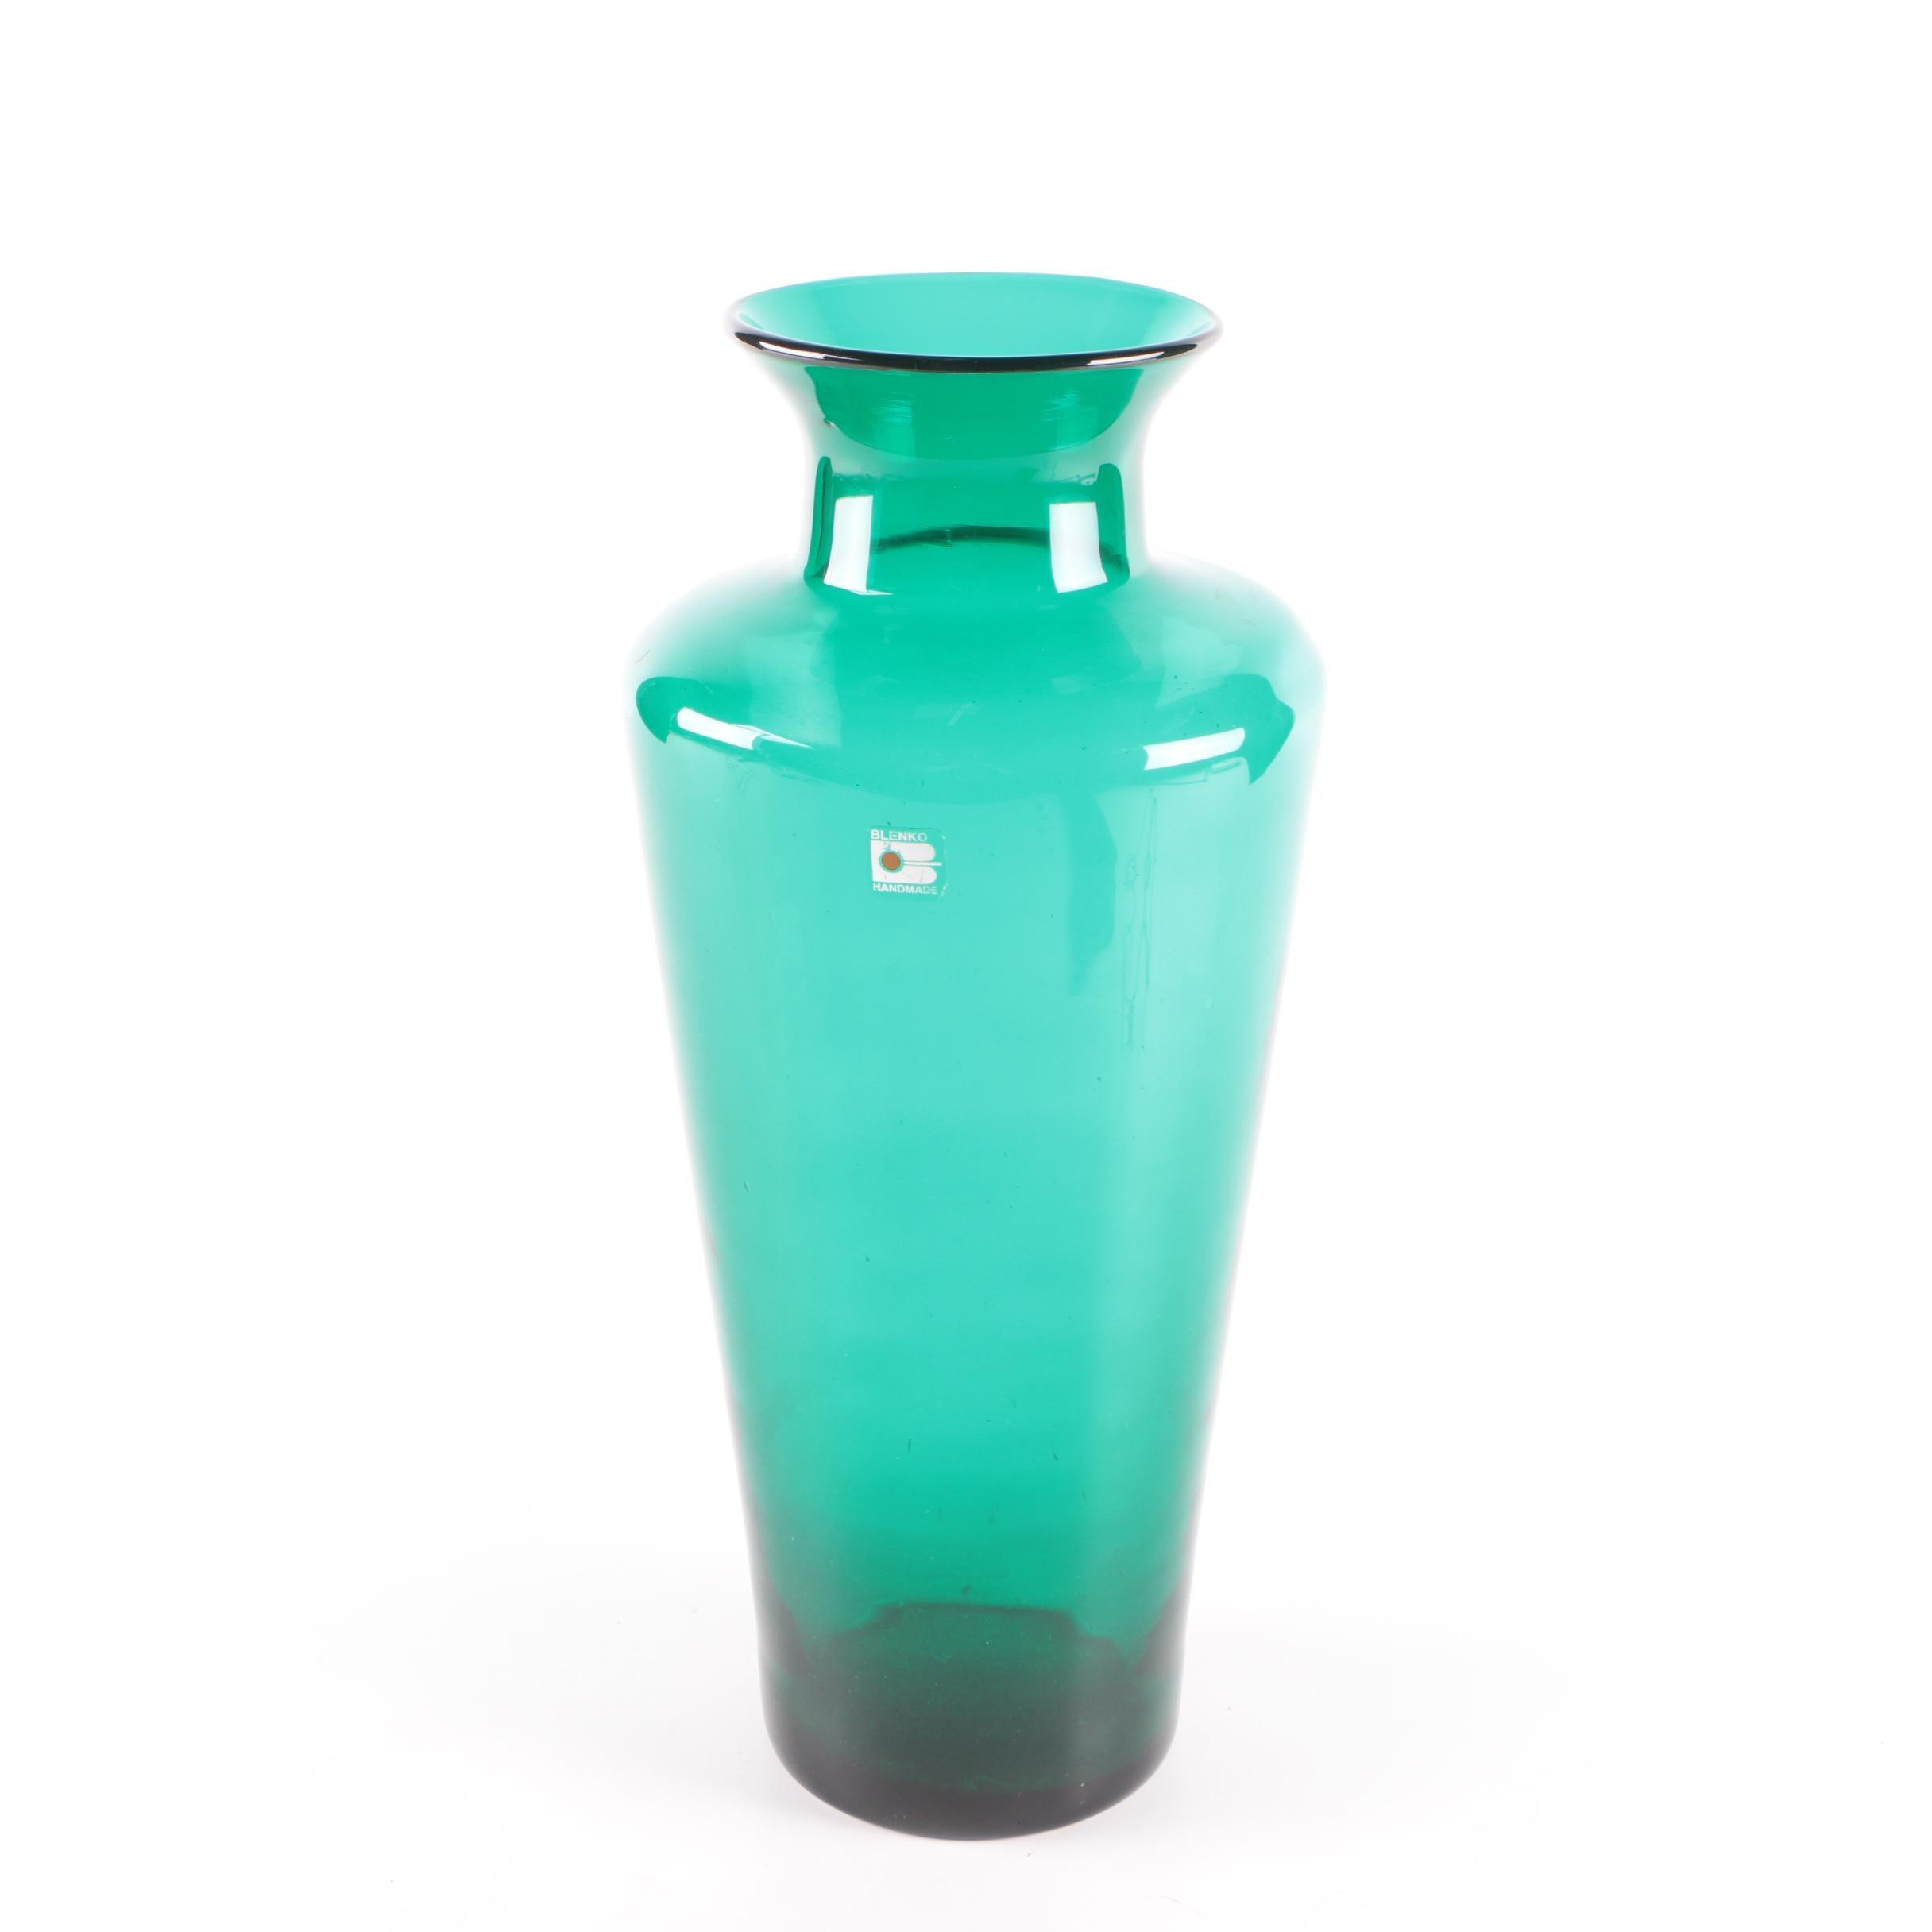 Blenko Handmade Glass Vase